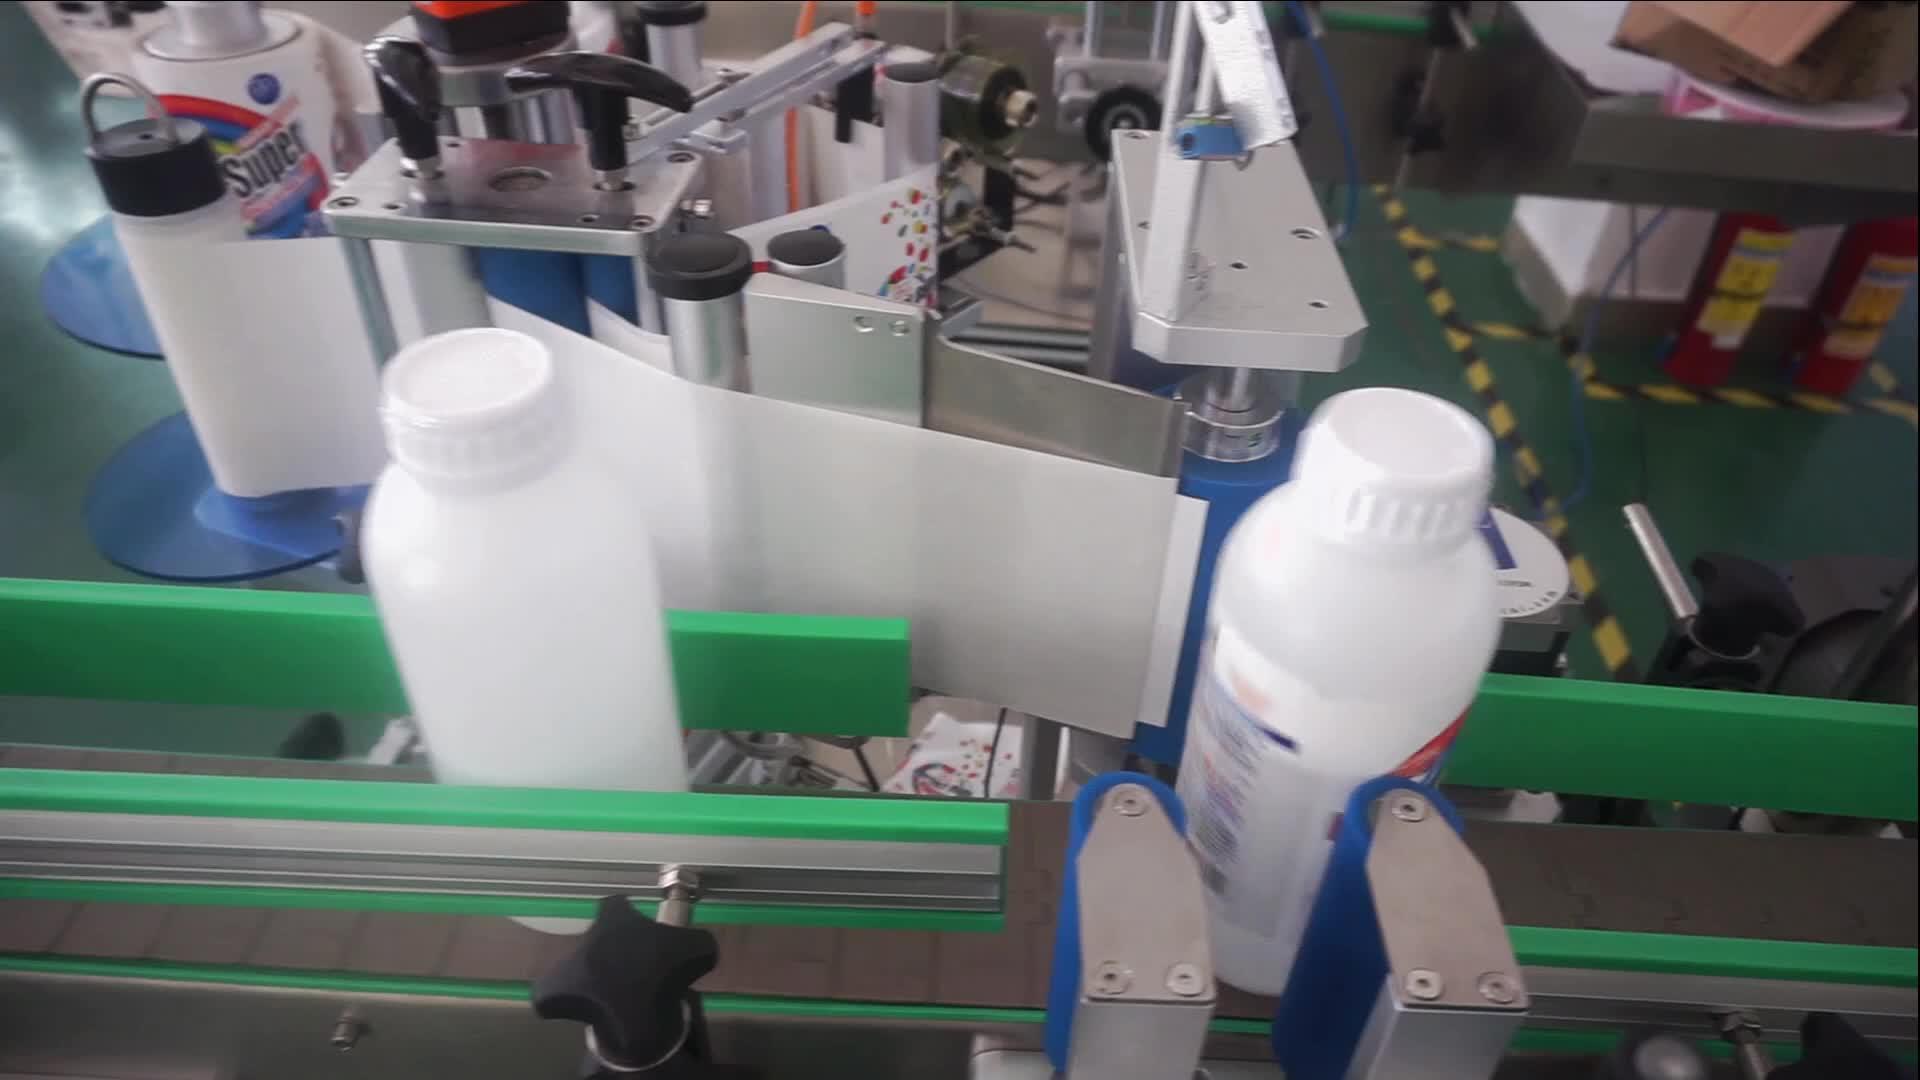 Fabrik preis Automatische runde flasche kennzeichnung maschine für gallonen rotwein flasche farbe eimer eimer dosen gläser kennzeichnung